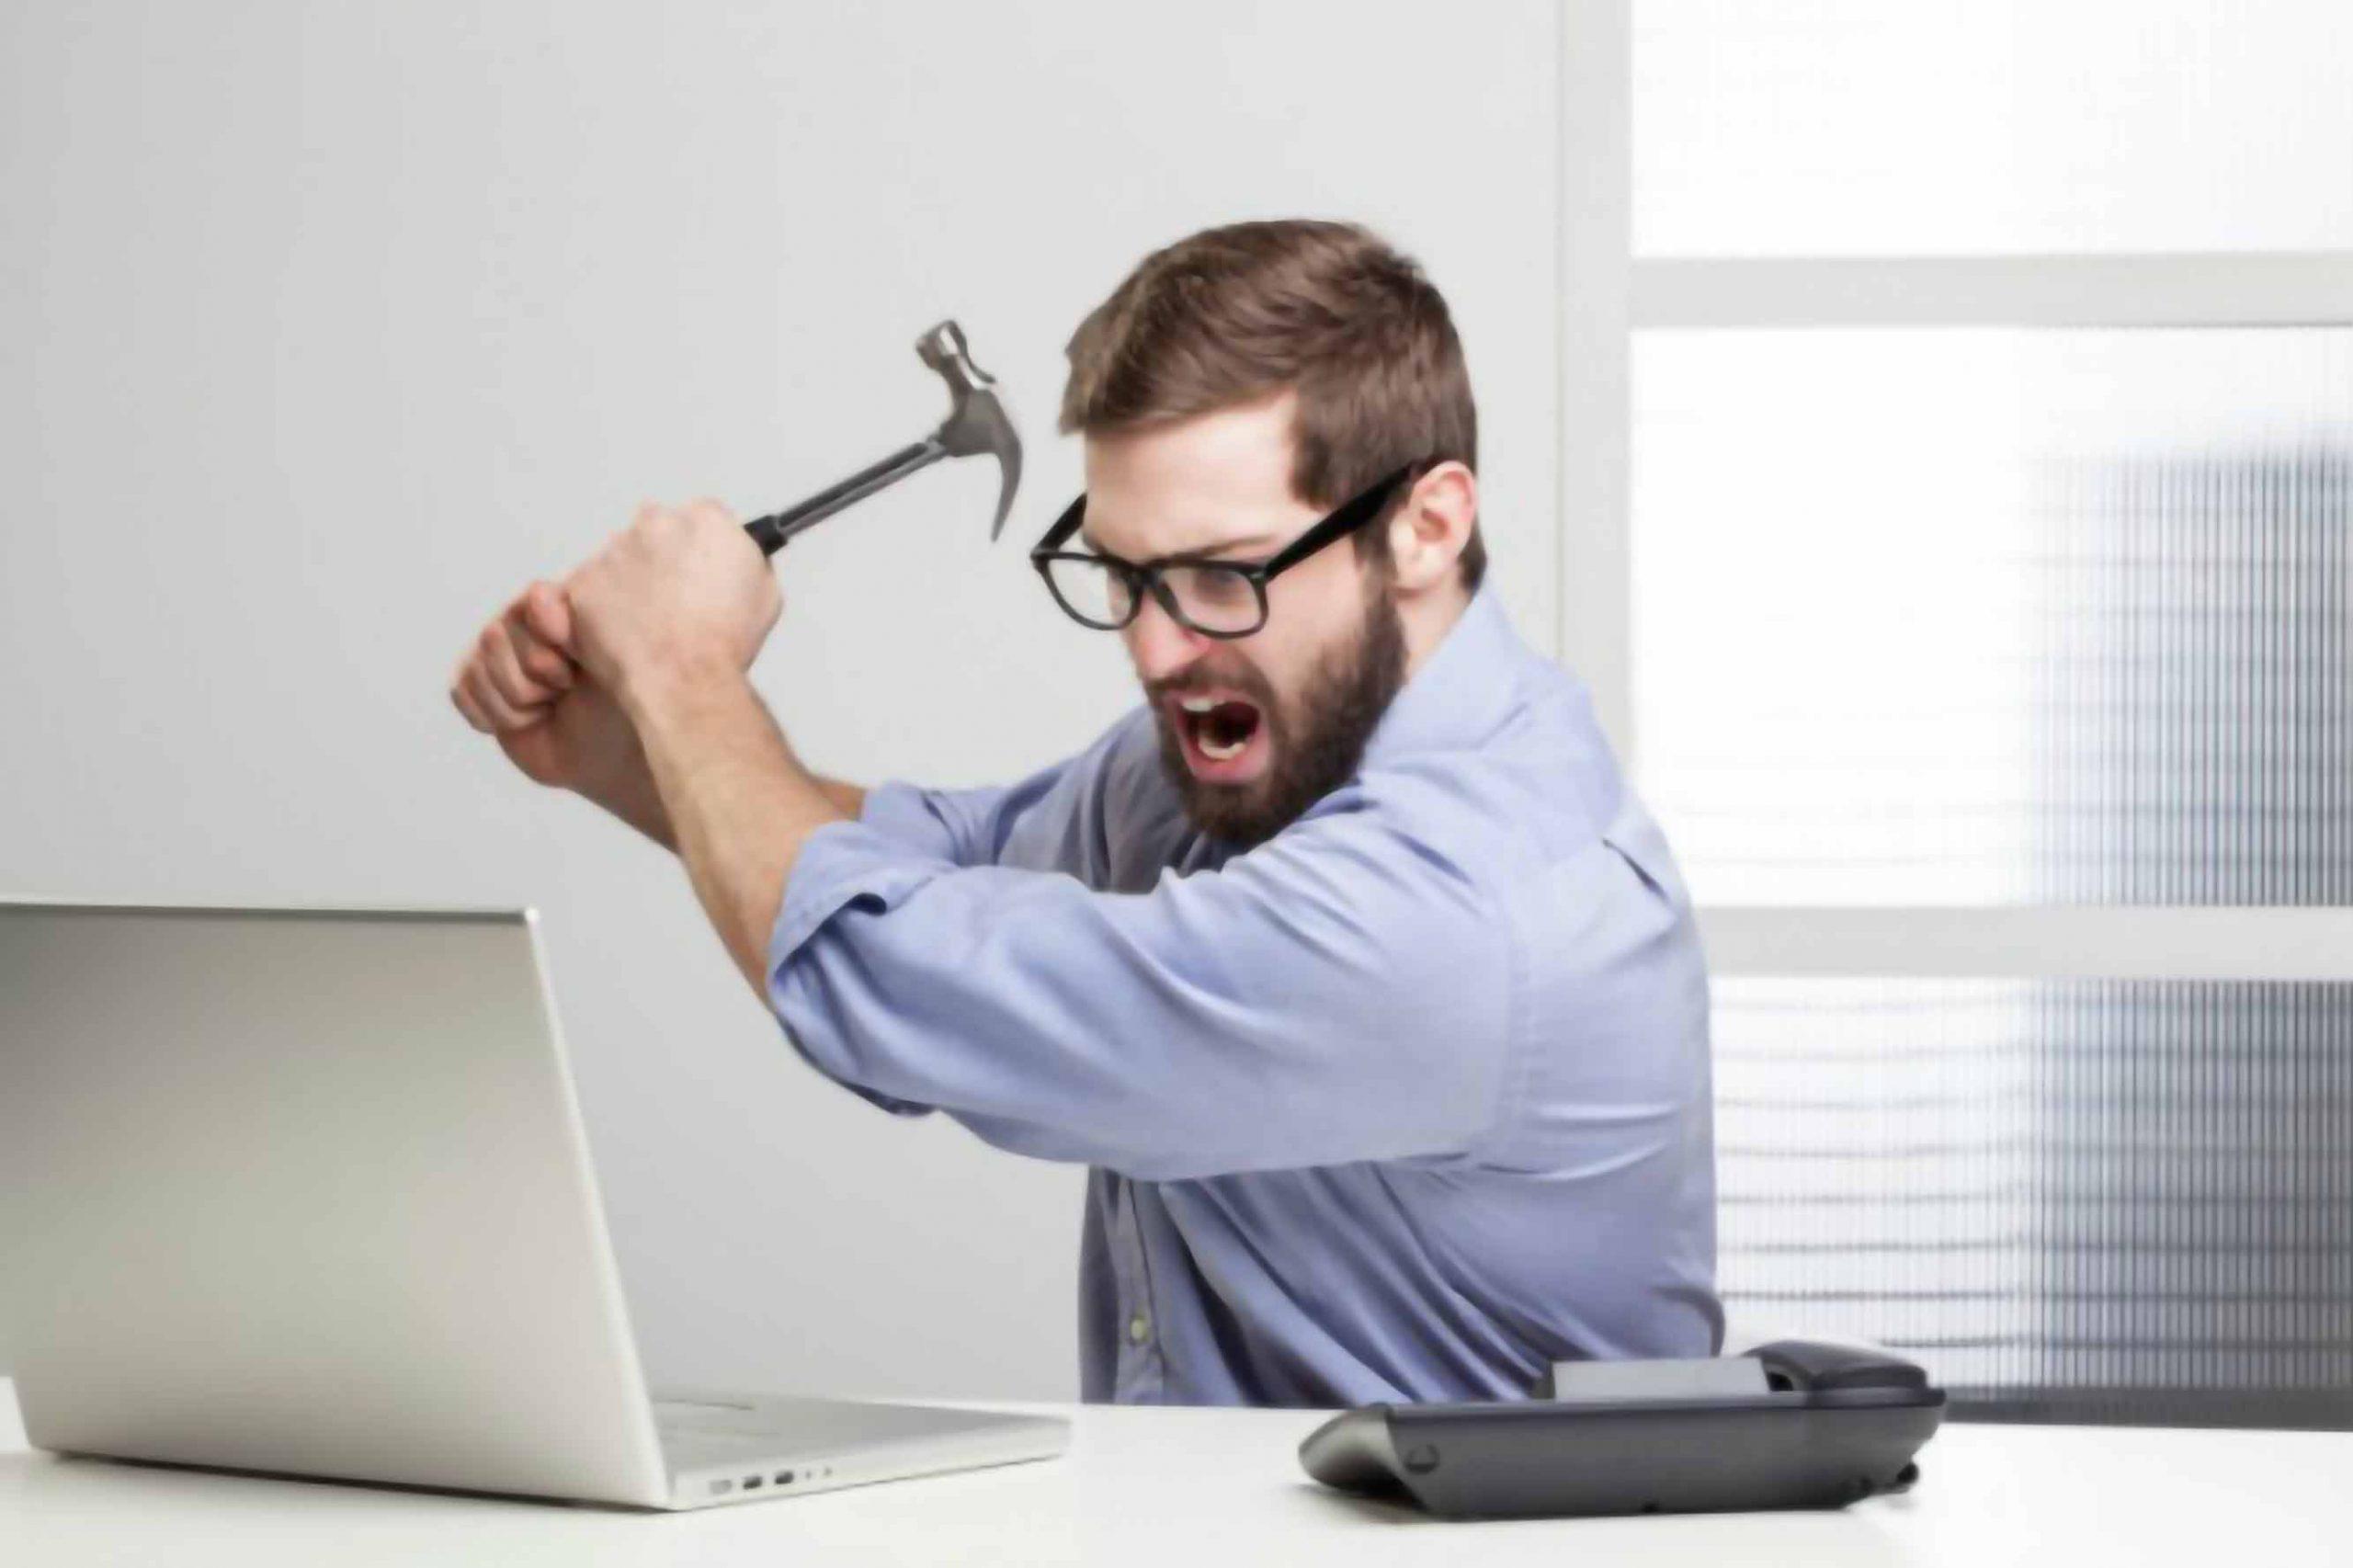 کاربر عصبانی